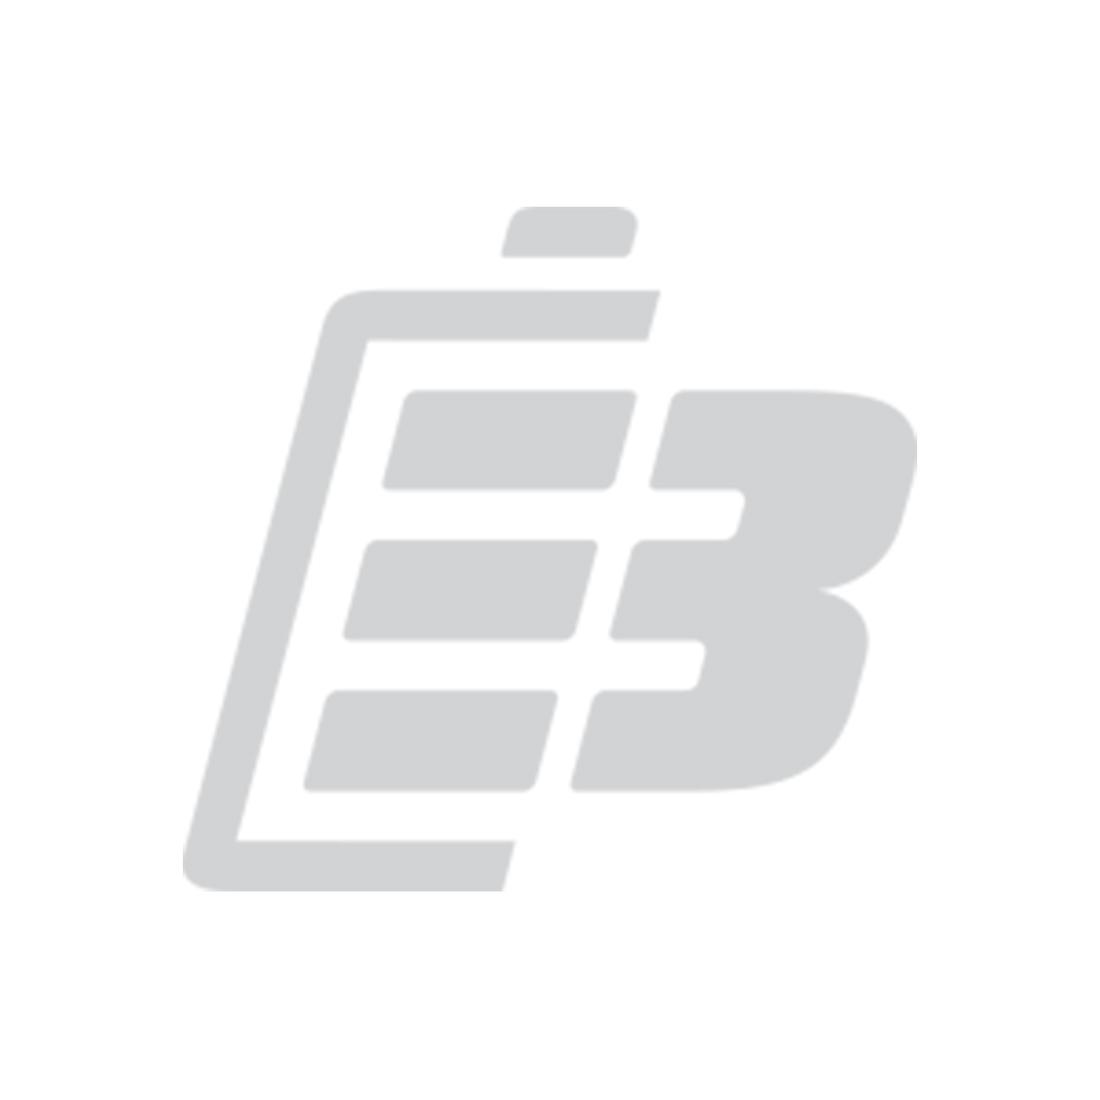 Fenix CL30R LED camping lantern Grey 1